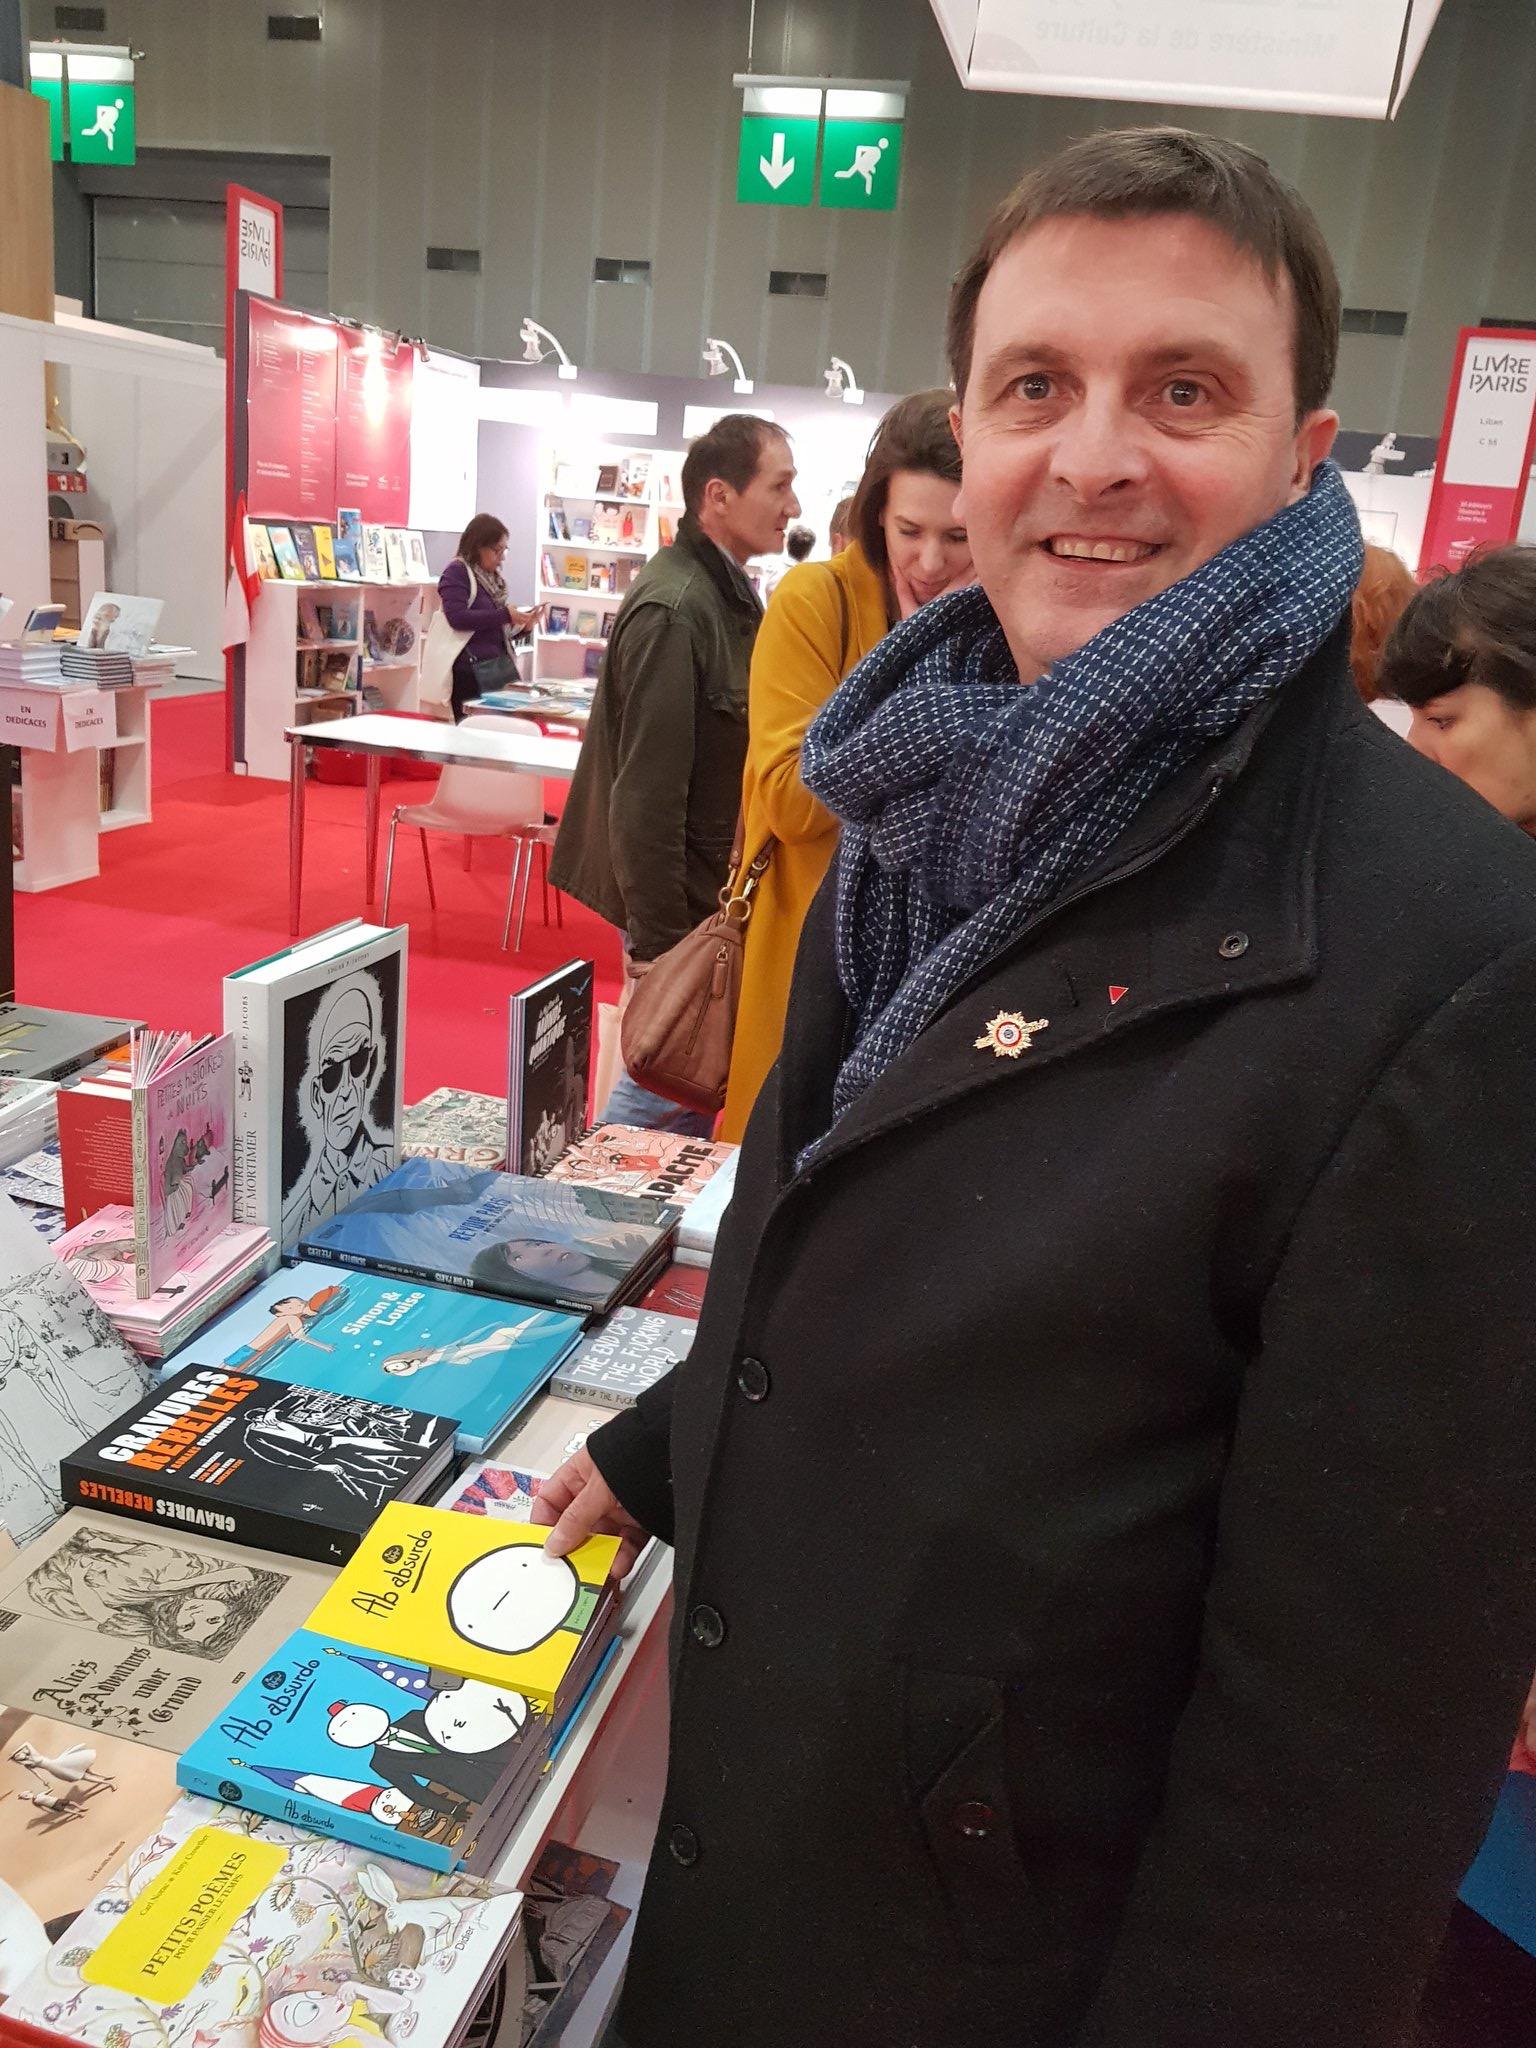 Stands francophones du Québec et de la Belgique. Je suis accompagné, notamment, de Bernard CASSEN, co-animateur du livret francophonie pour la France Insoumise.